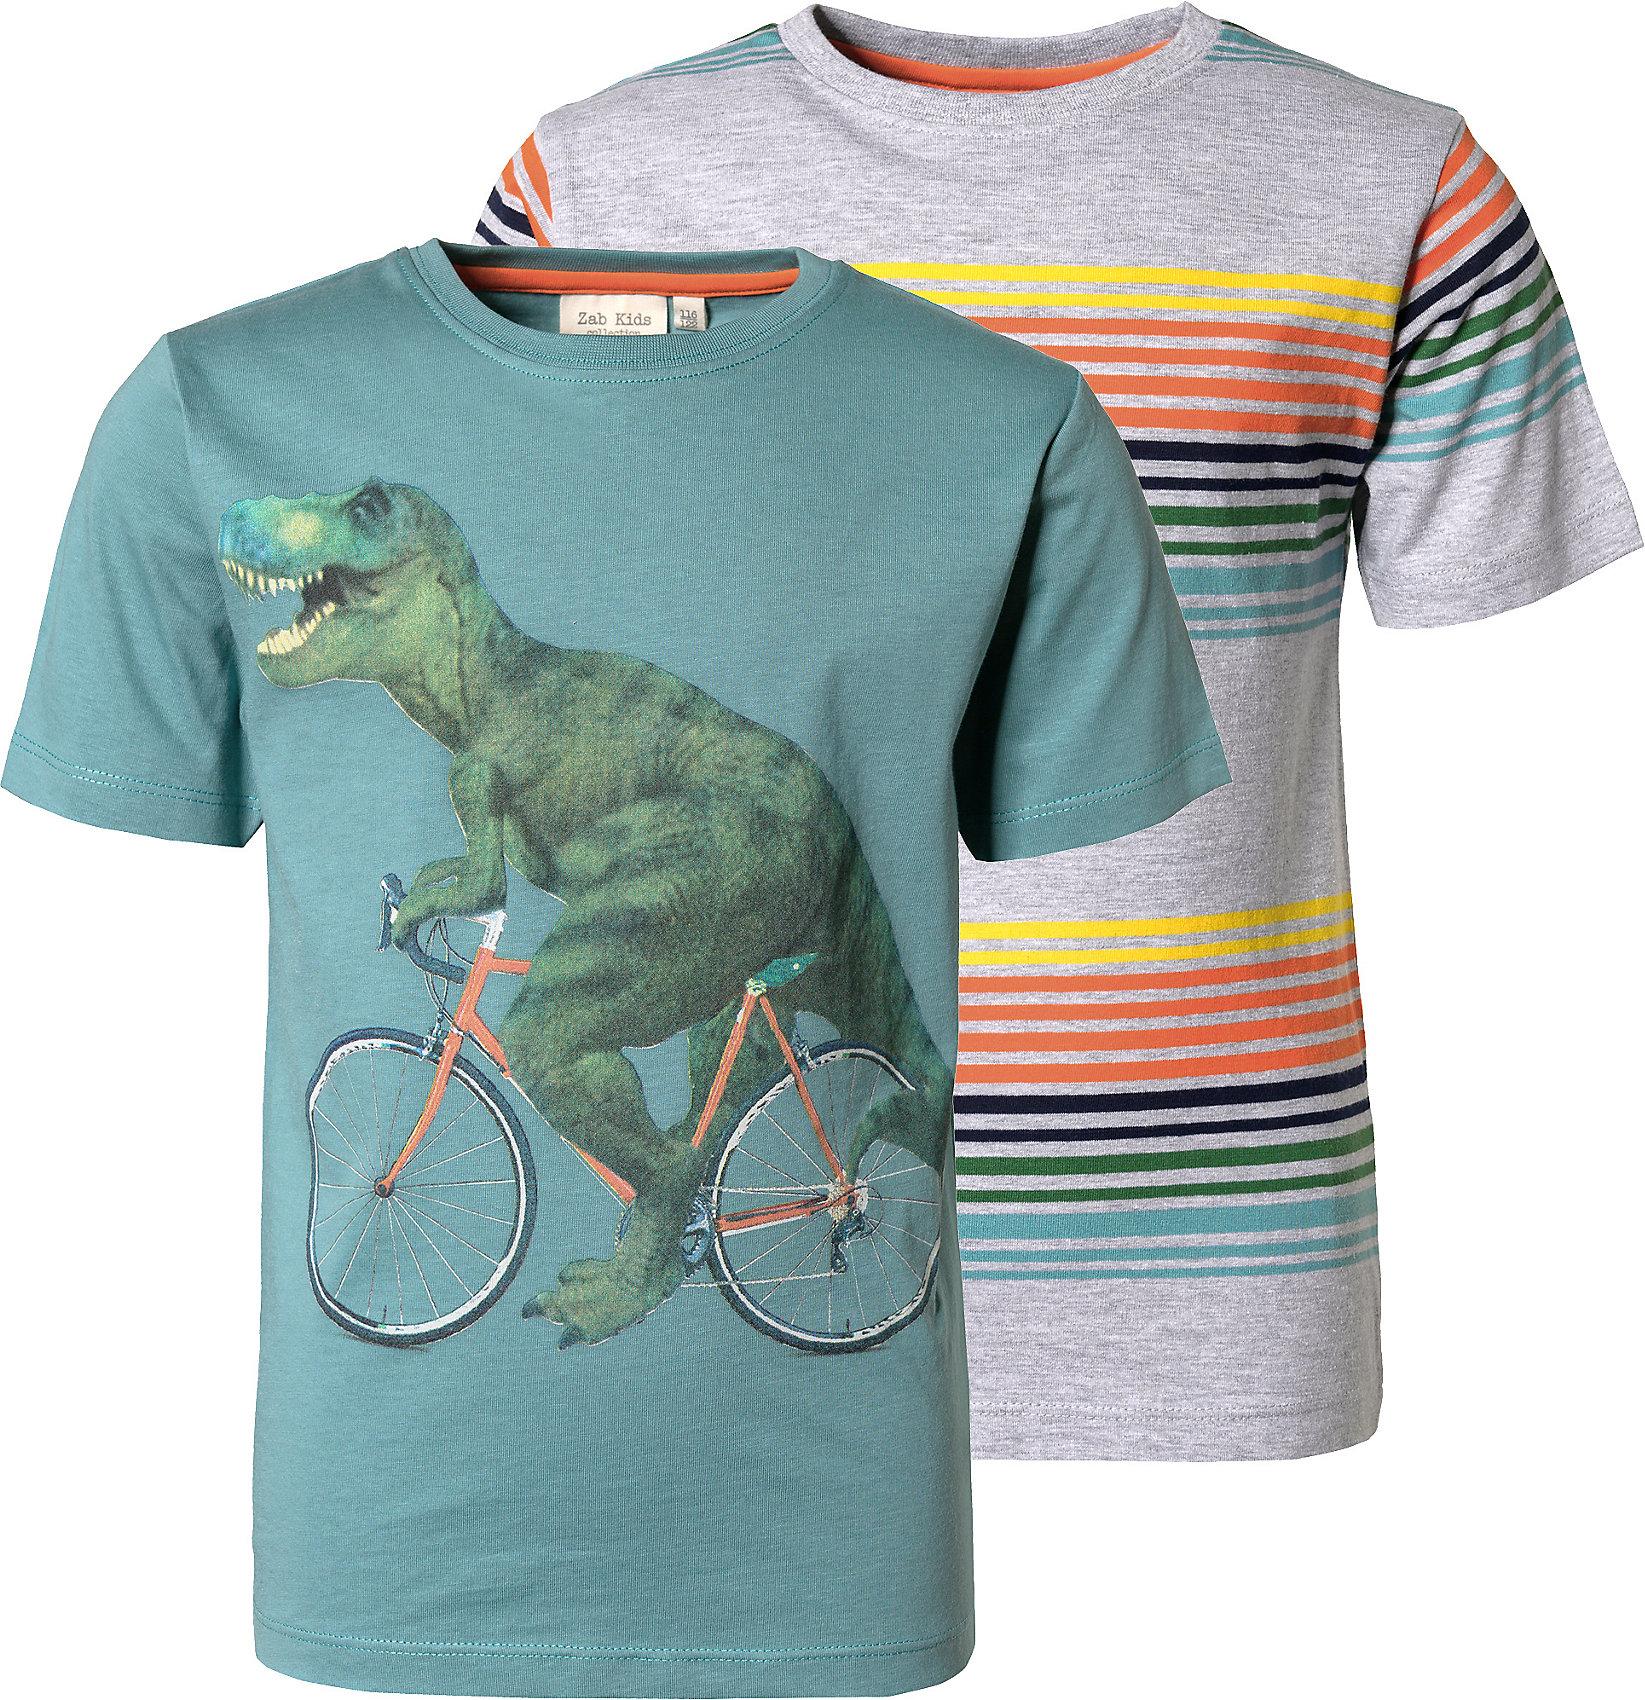 Neu myToys-COLLECTION T-Shirts Doppelpack für Jungen von ZAB kids 10034284